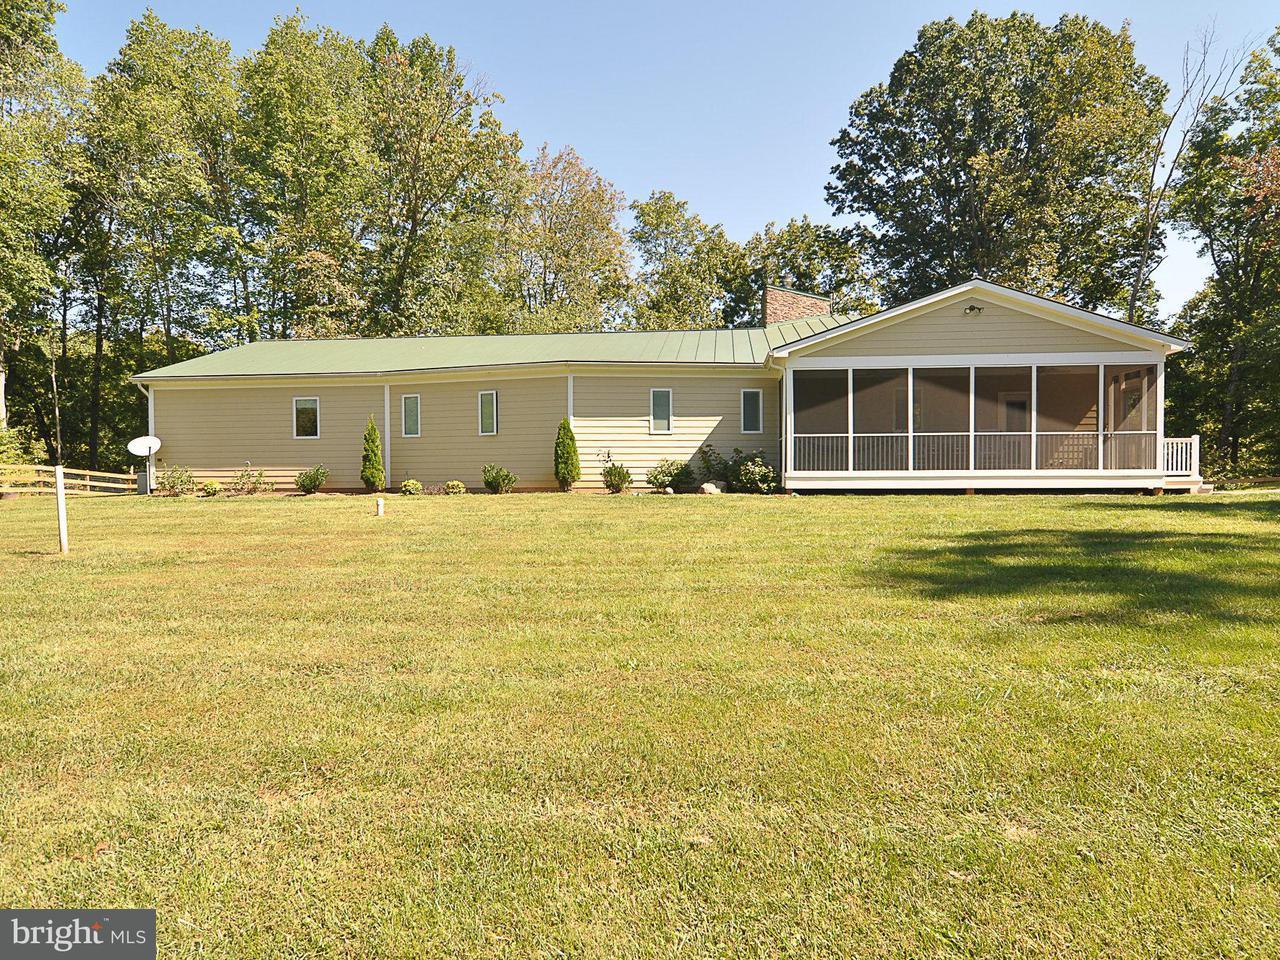 Частный односемейный дом для того Продажа на 9520 ROCKFISH VALLEY HWY 9520 ROCKFISH VALLEY HWY Afton, Виргиния 22920 Соединенные Штаты